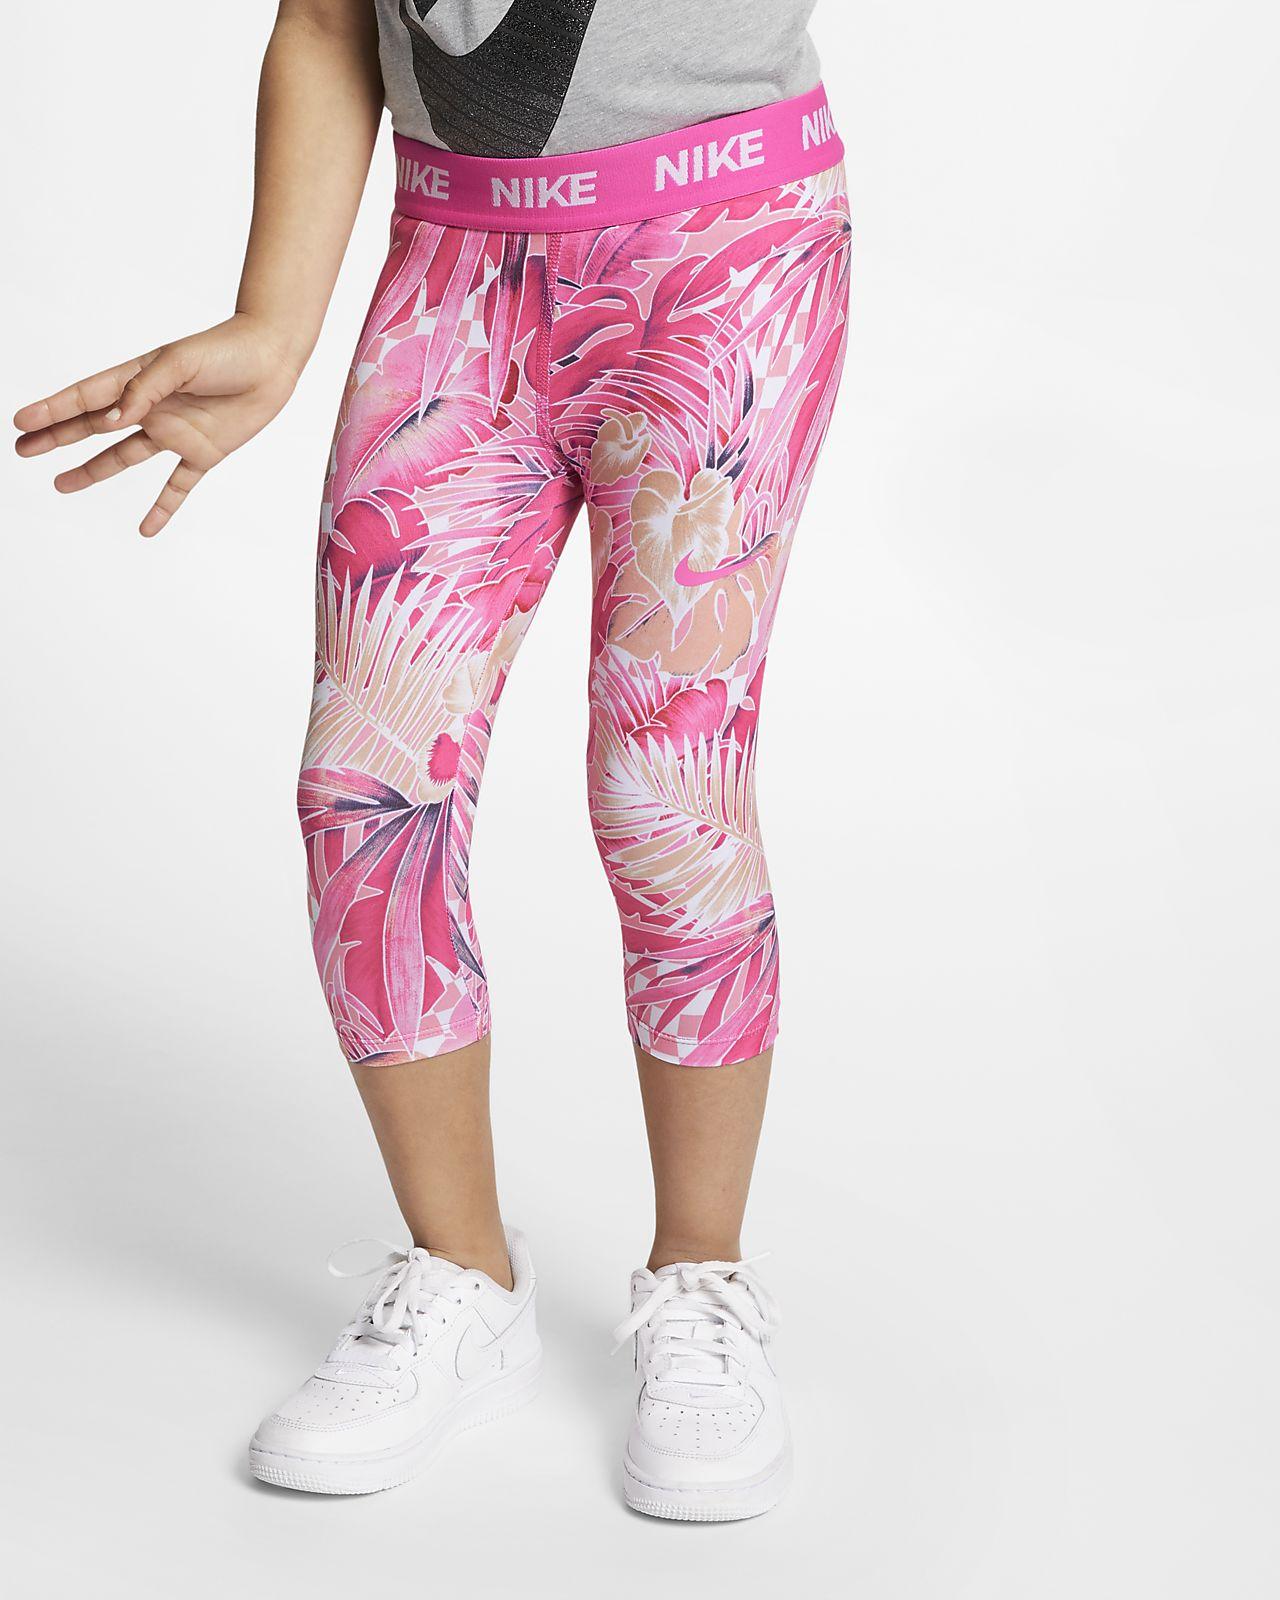 Nike-leggings i 3/4-længde med print til små børn